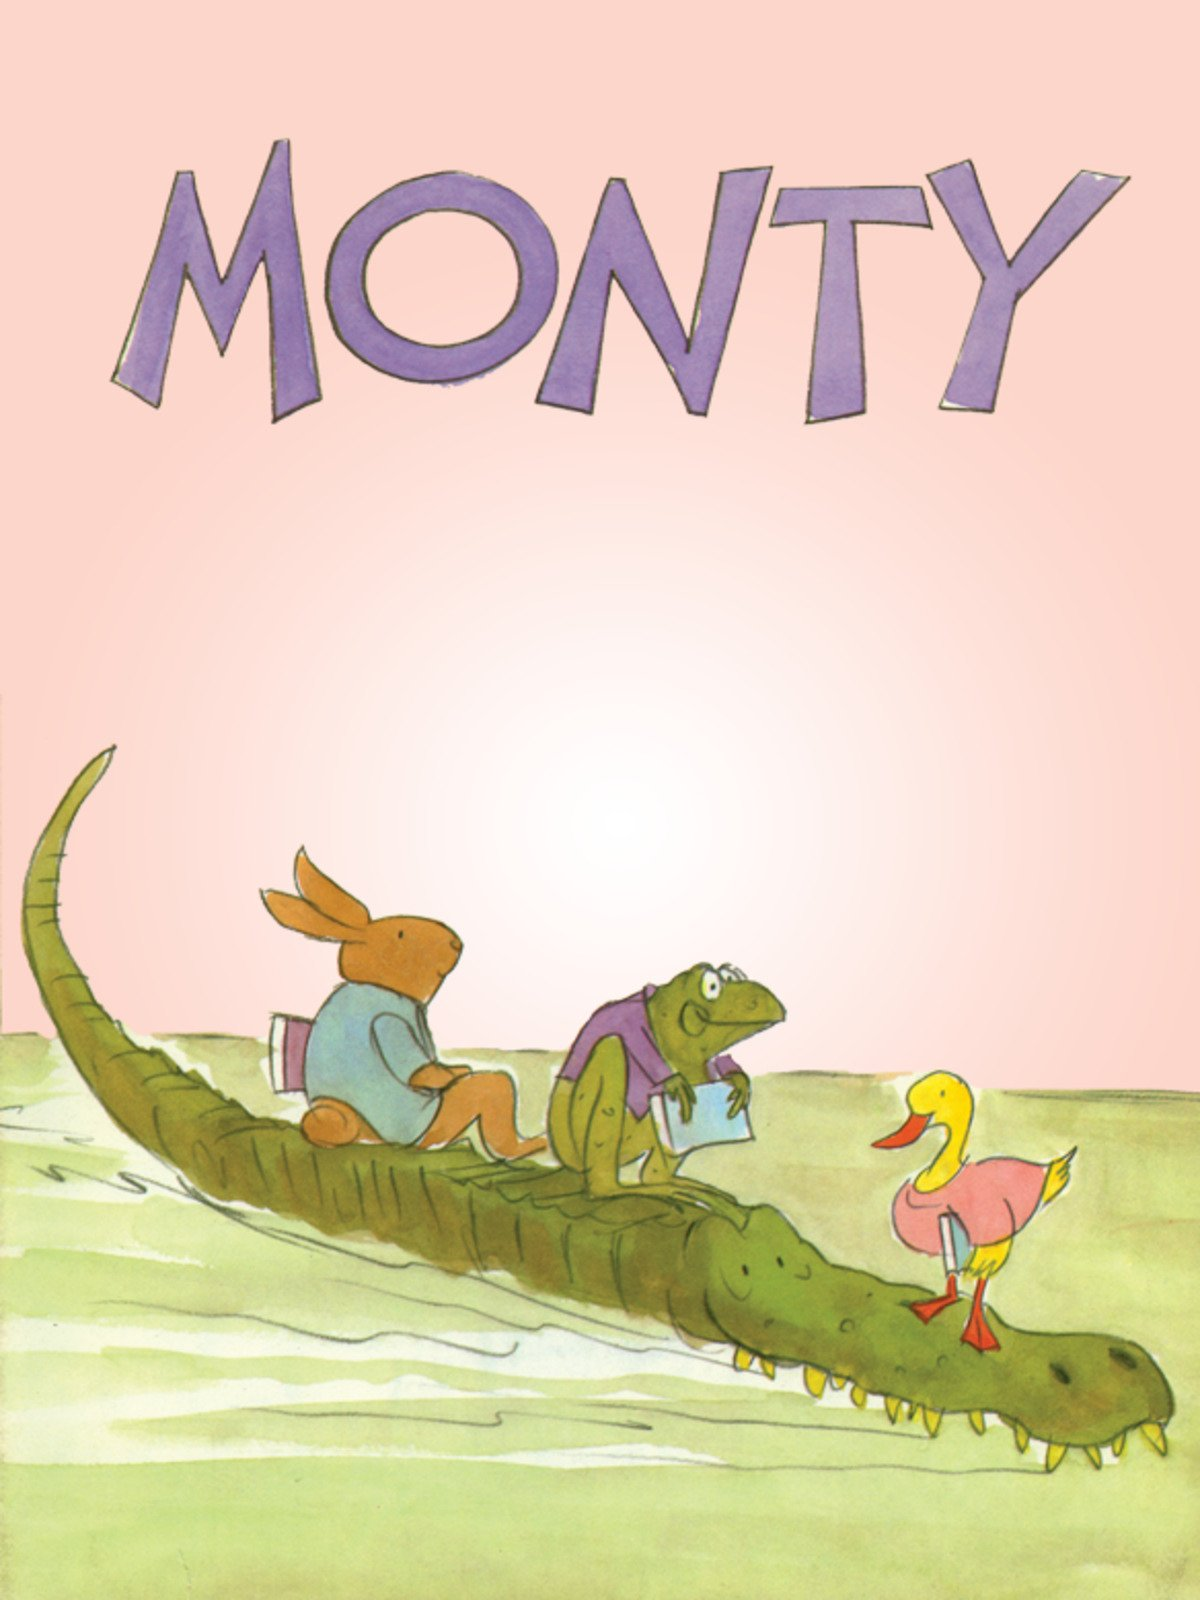 Monty on Amazon Prime Video UK